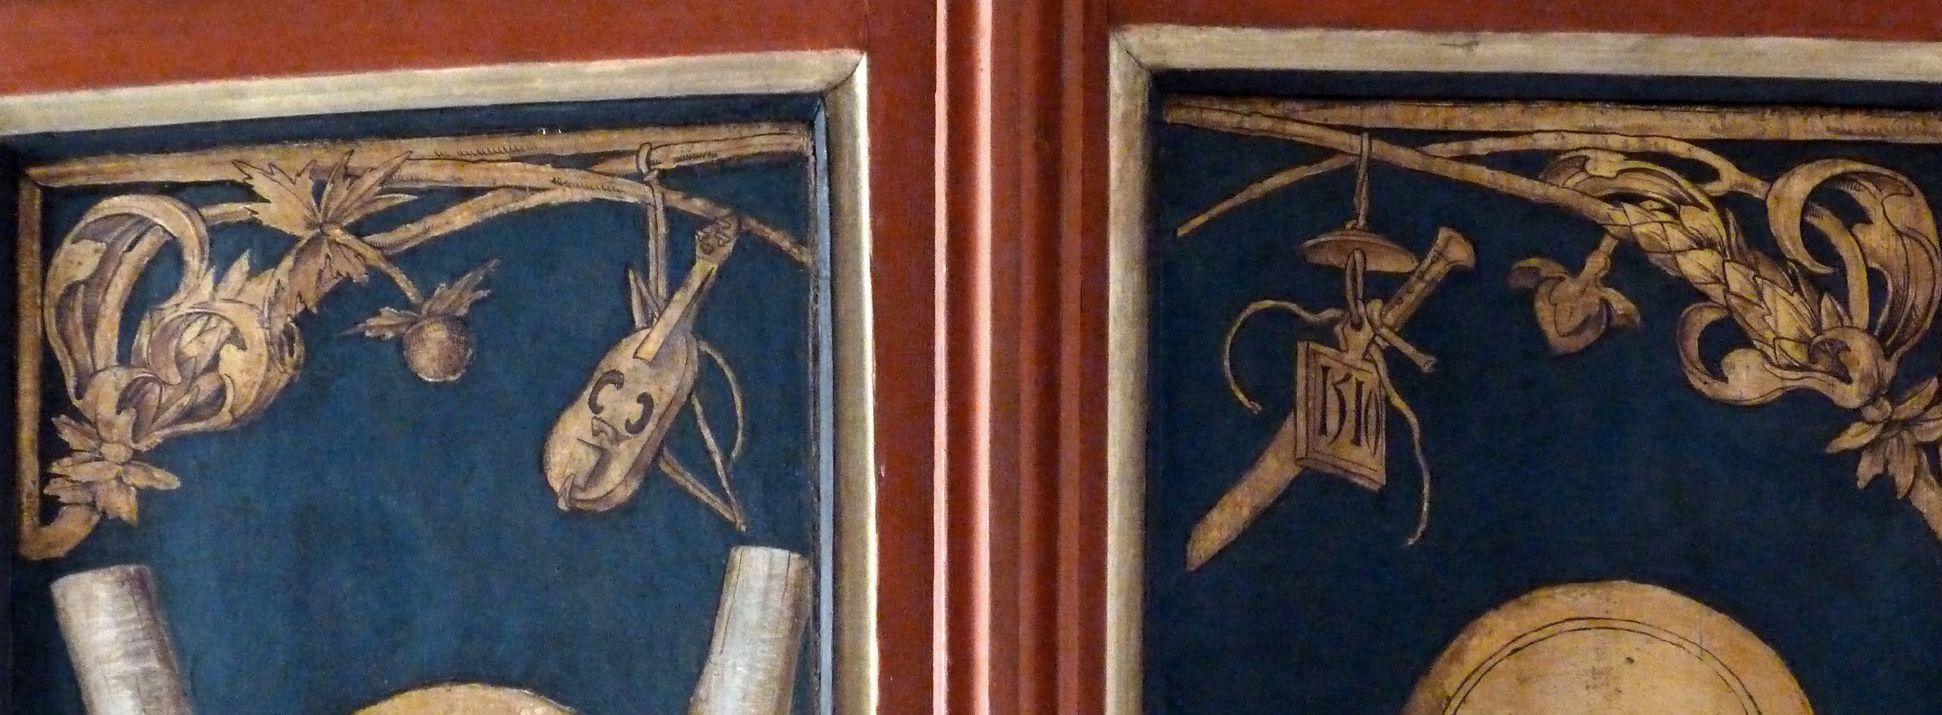 Wendelsteiner Dreikönigsaltar Hauptschrein mit Datierung von 1510